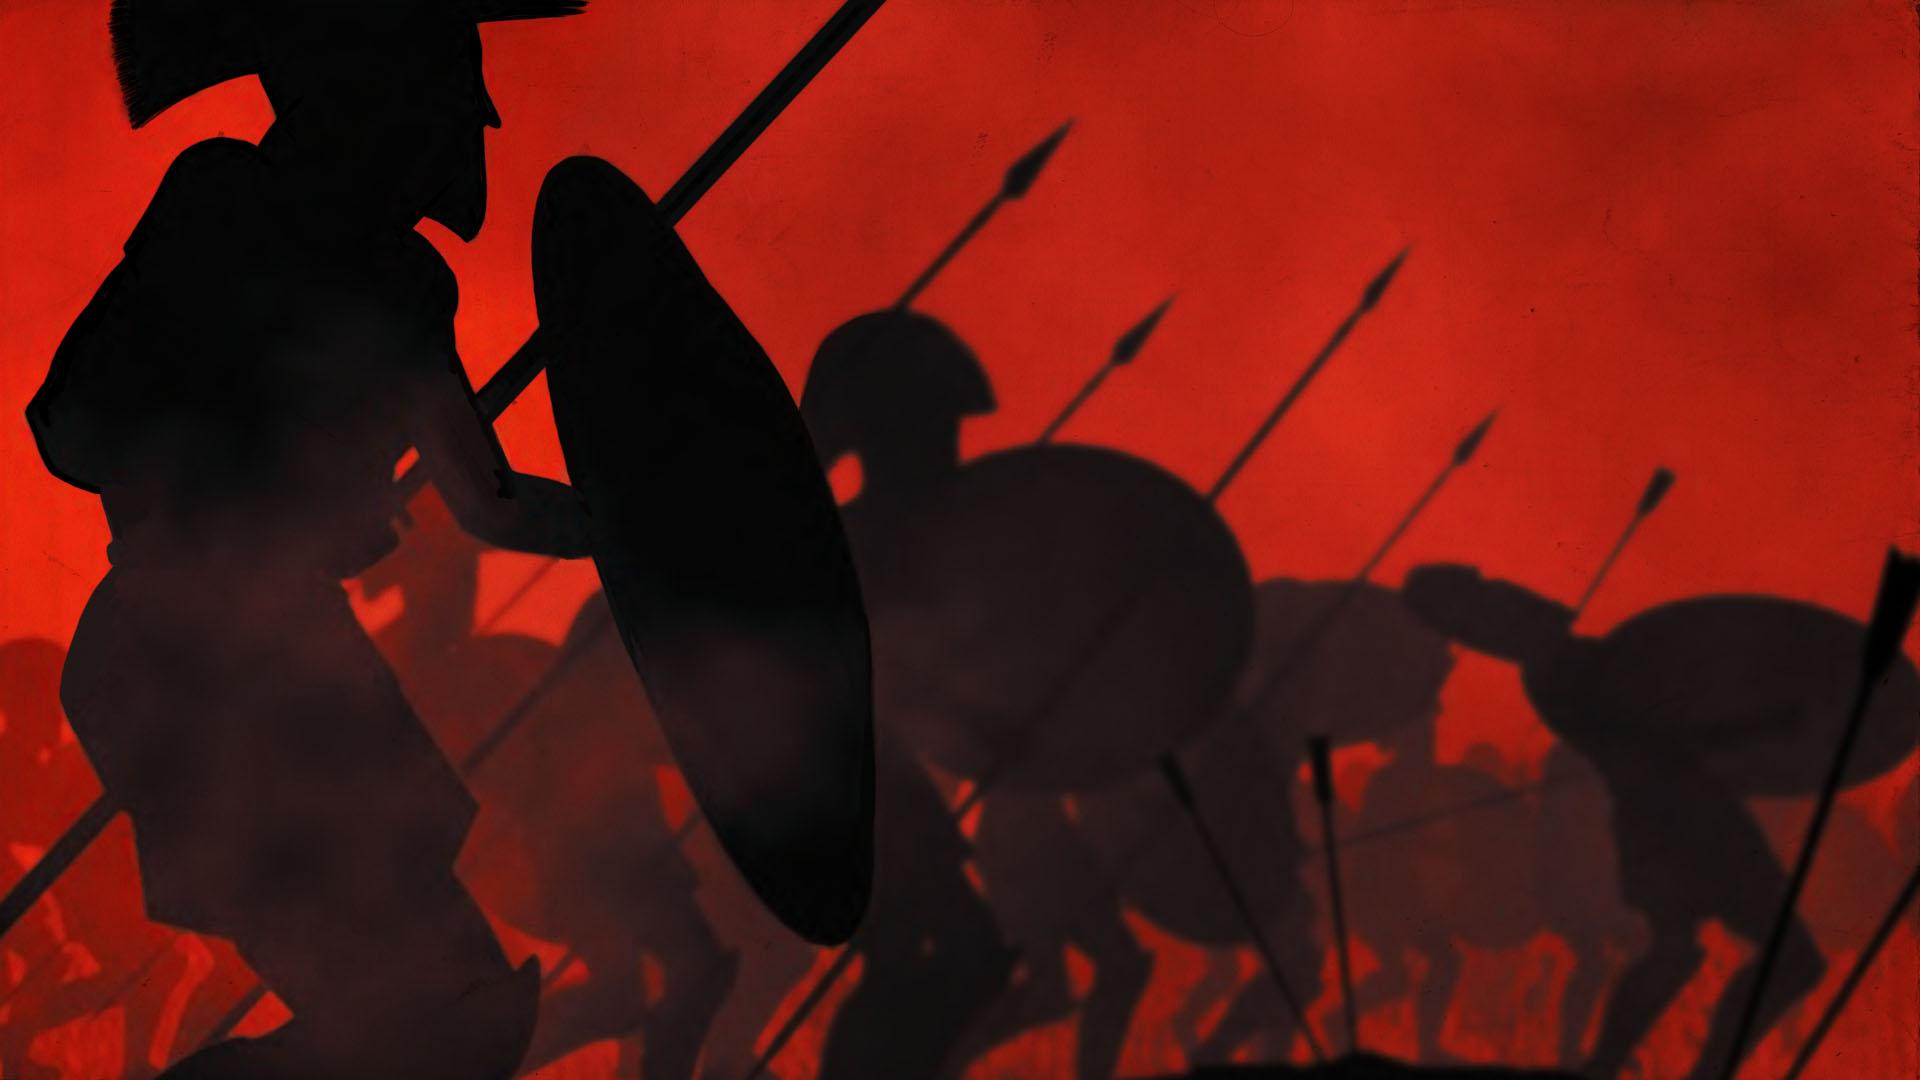 Rome Total War Wallpaper: Image - Rome Total War Artwork 5.jpg